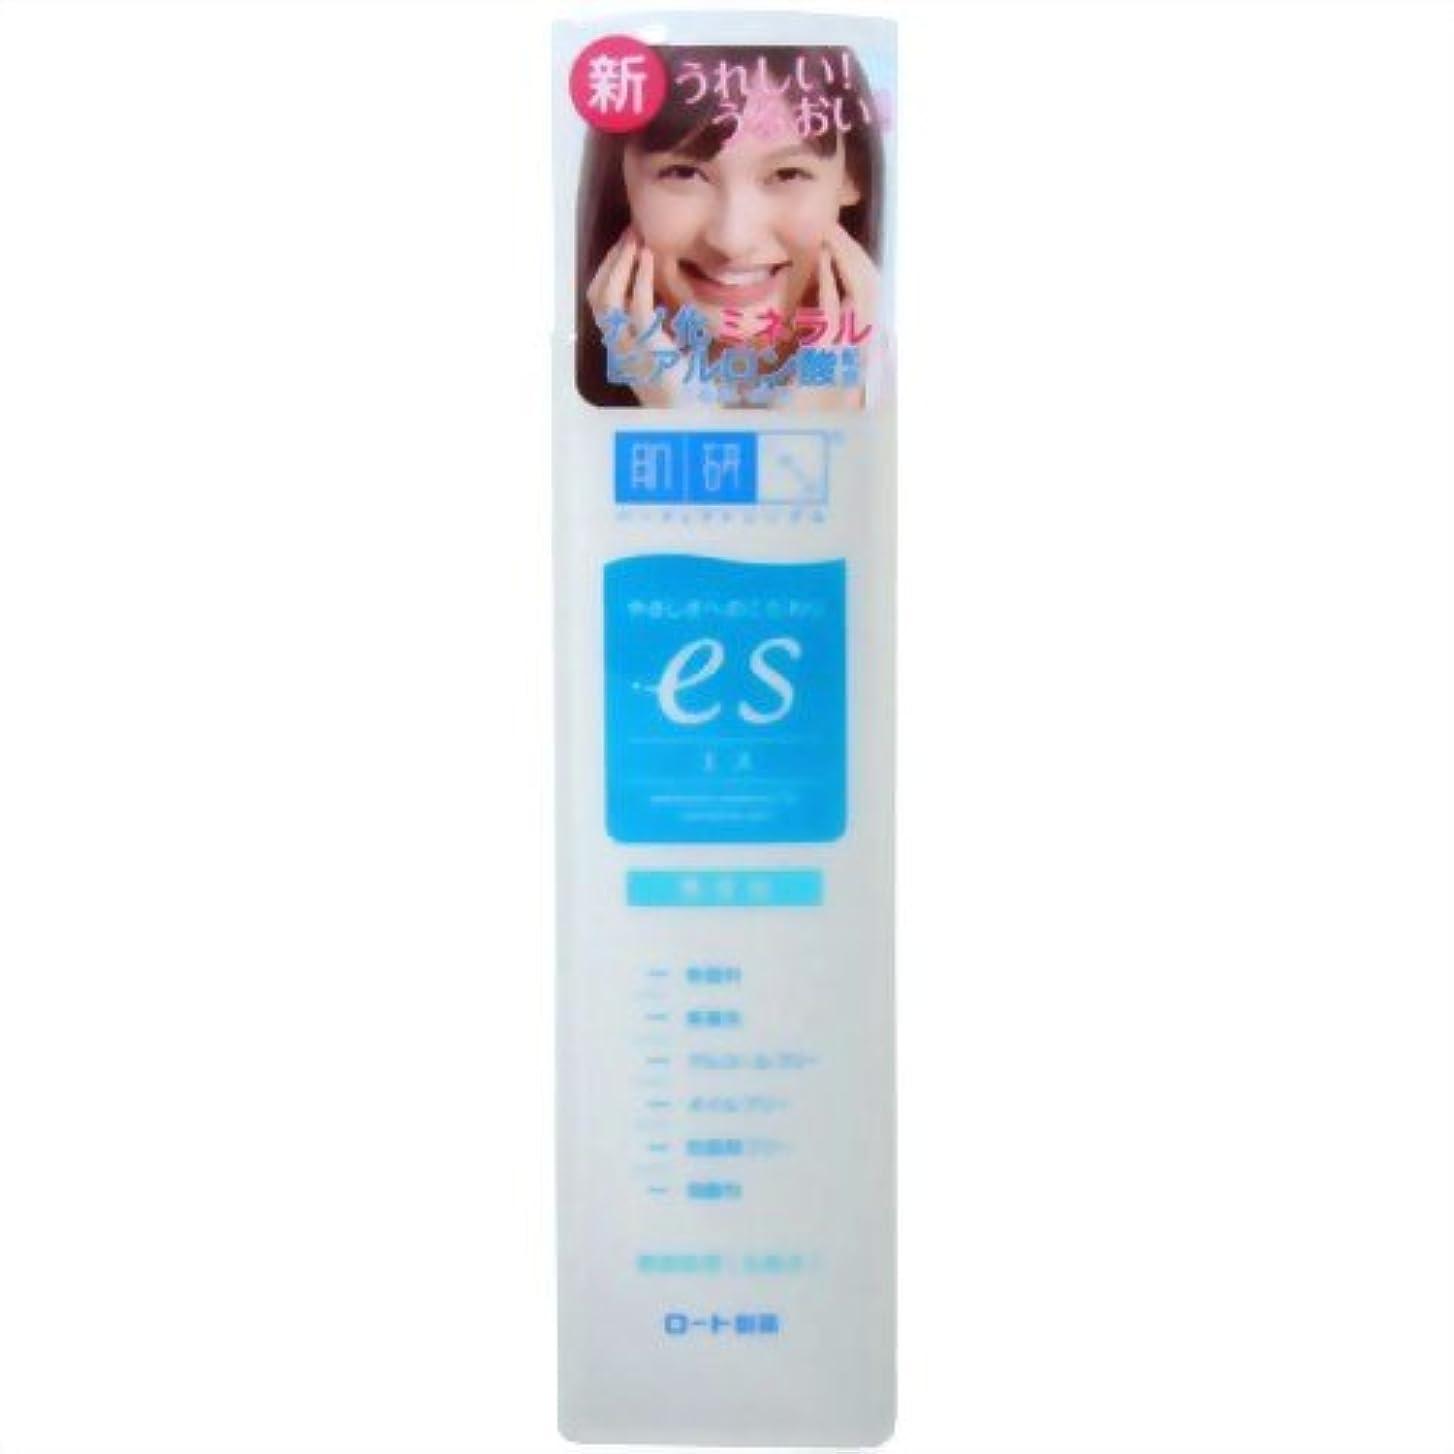 消毒する誰か鋭く肌ラボ es(エス) ナノ化ミネラルヒアルロン酸配合 無添加処方 化粧水 170mL